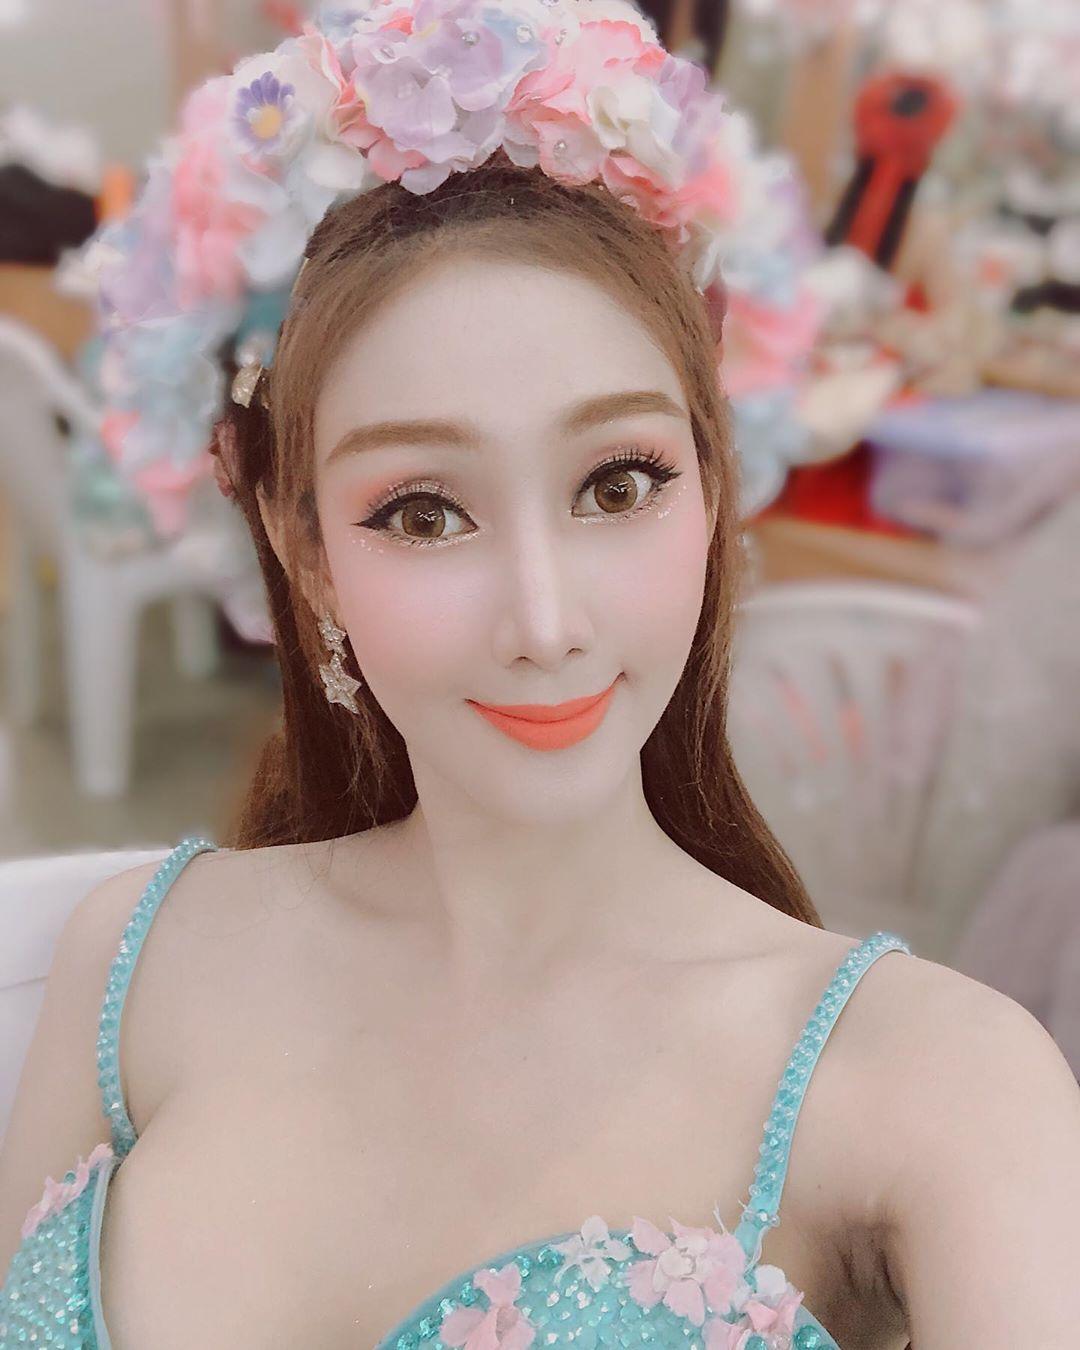 Warinchaya Pila - Most Beautiful Thai Ladyboy Cabaret